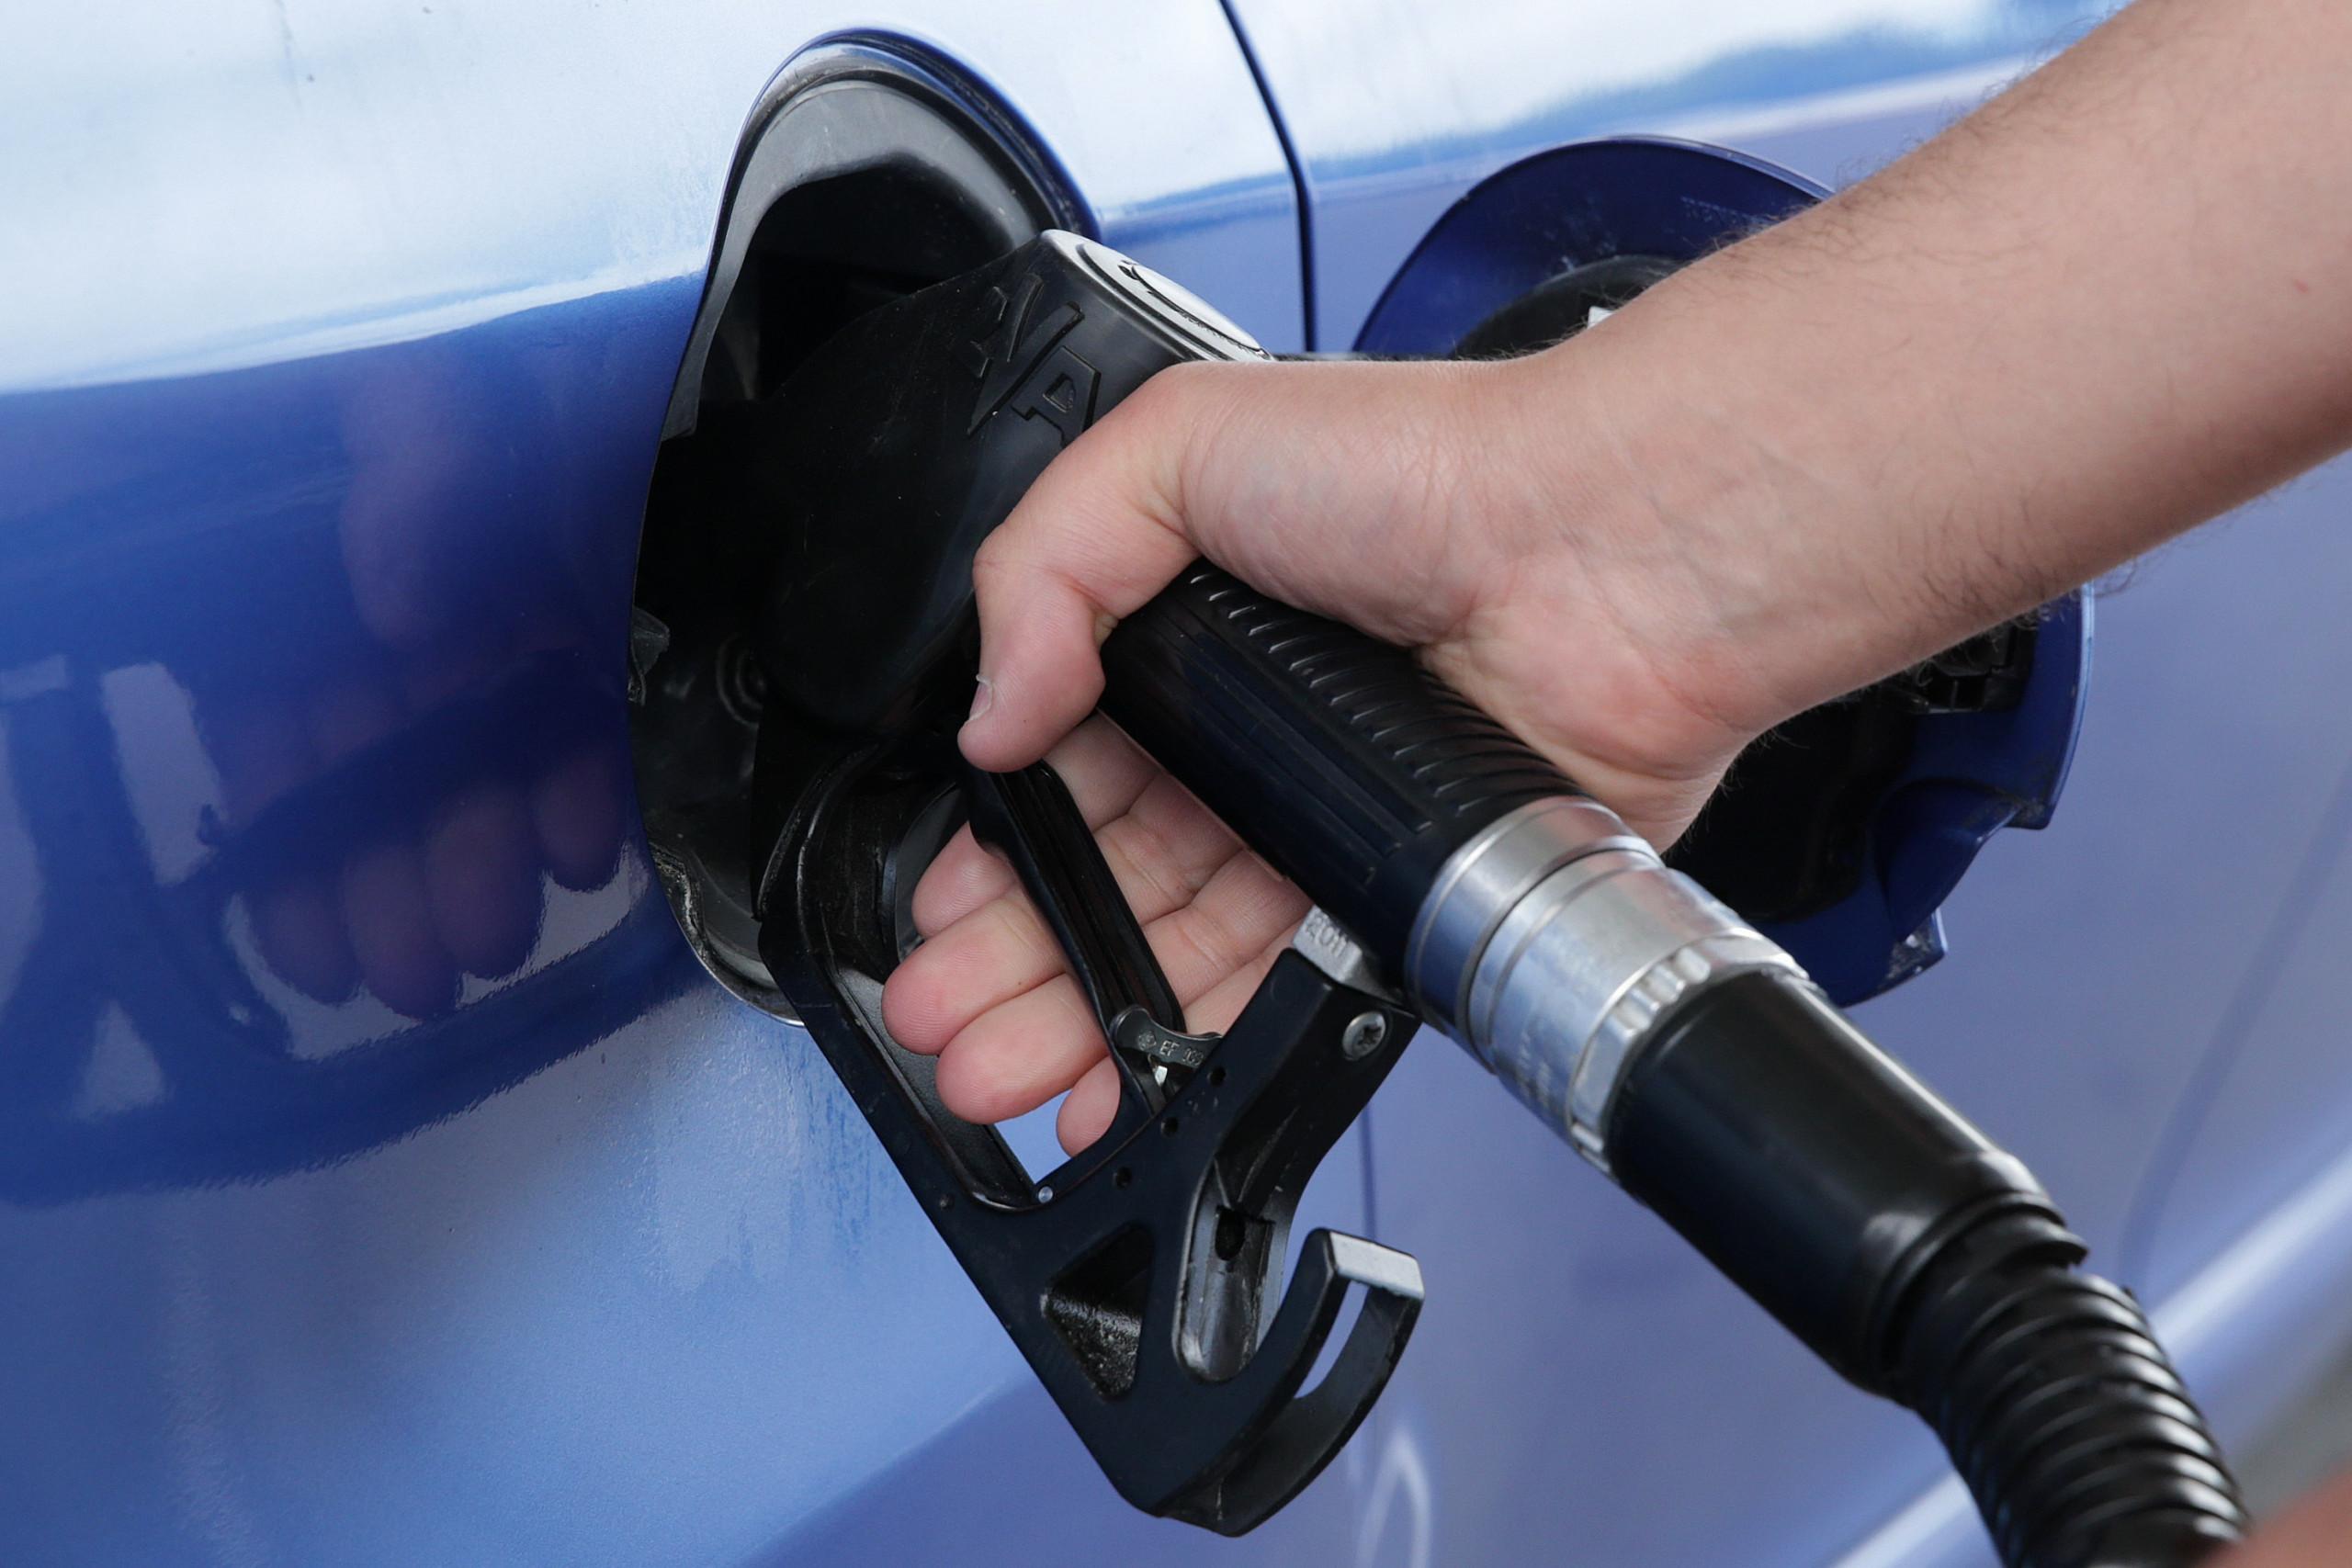 Governo nega receita extra com combustíveis denunciada pela oposição